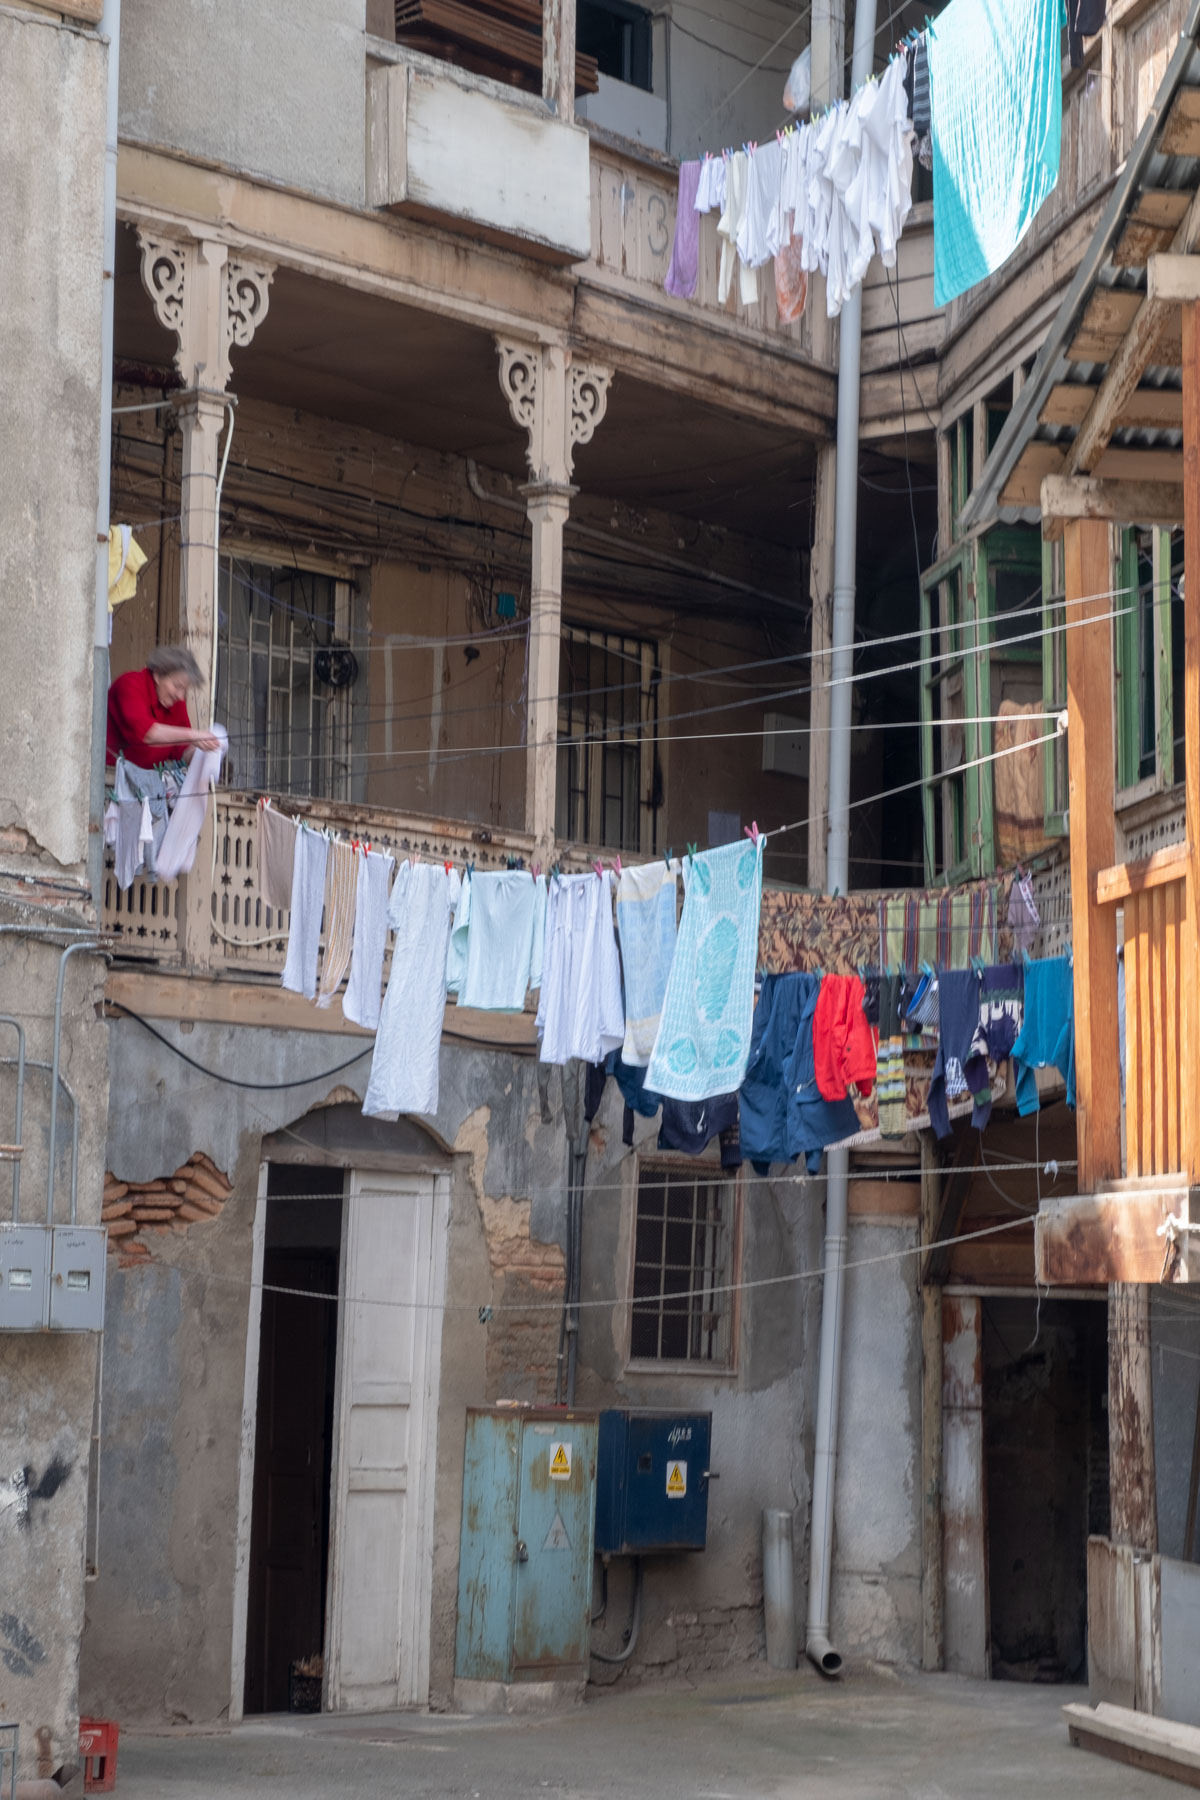 Platz für Wäsche ist immer